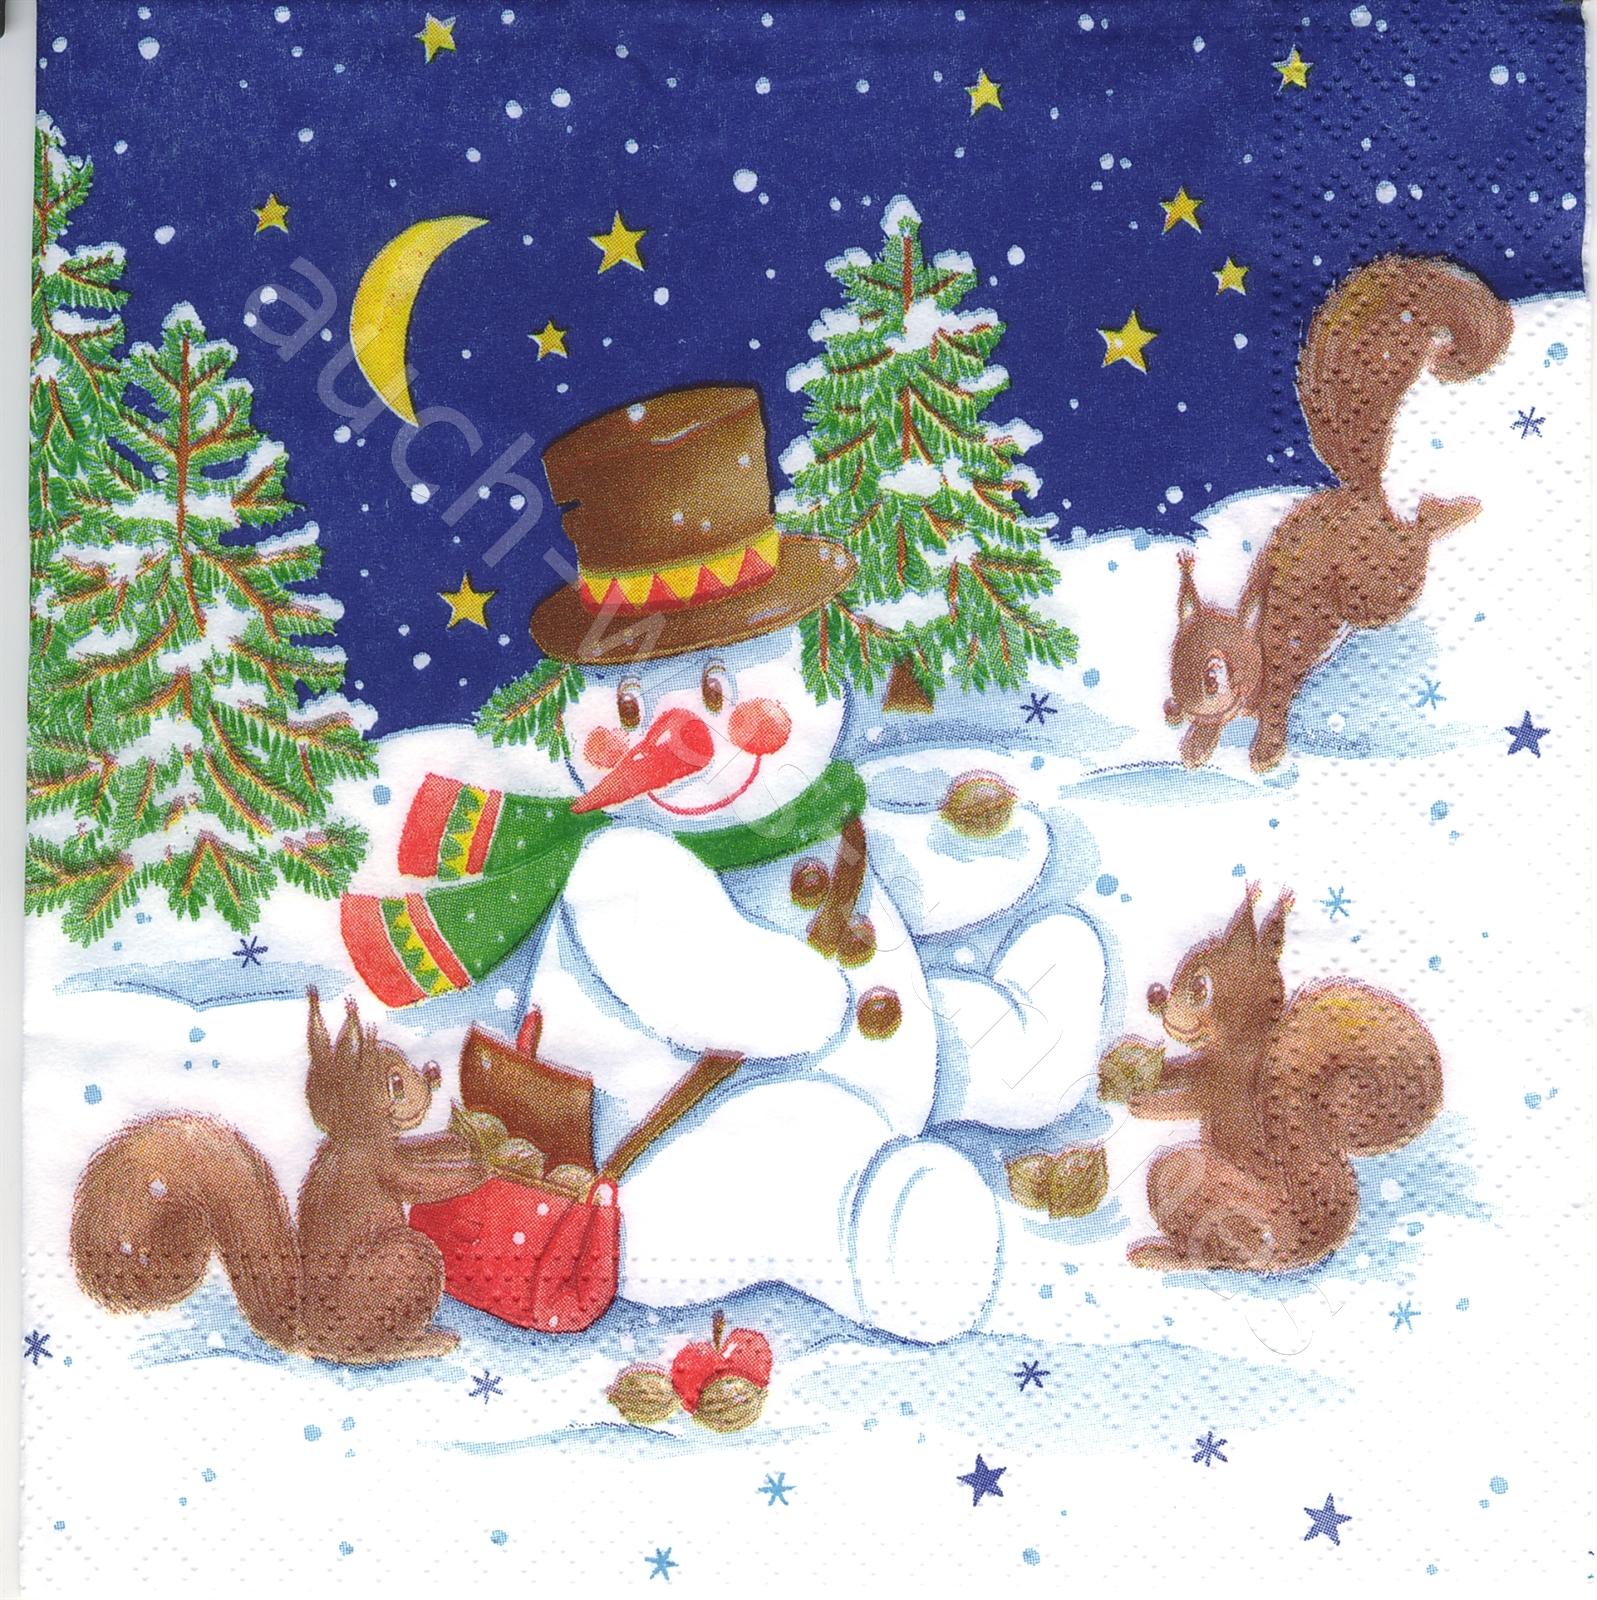 Servietten Basteln Sammeln Schneemann Tiere Winter Snow